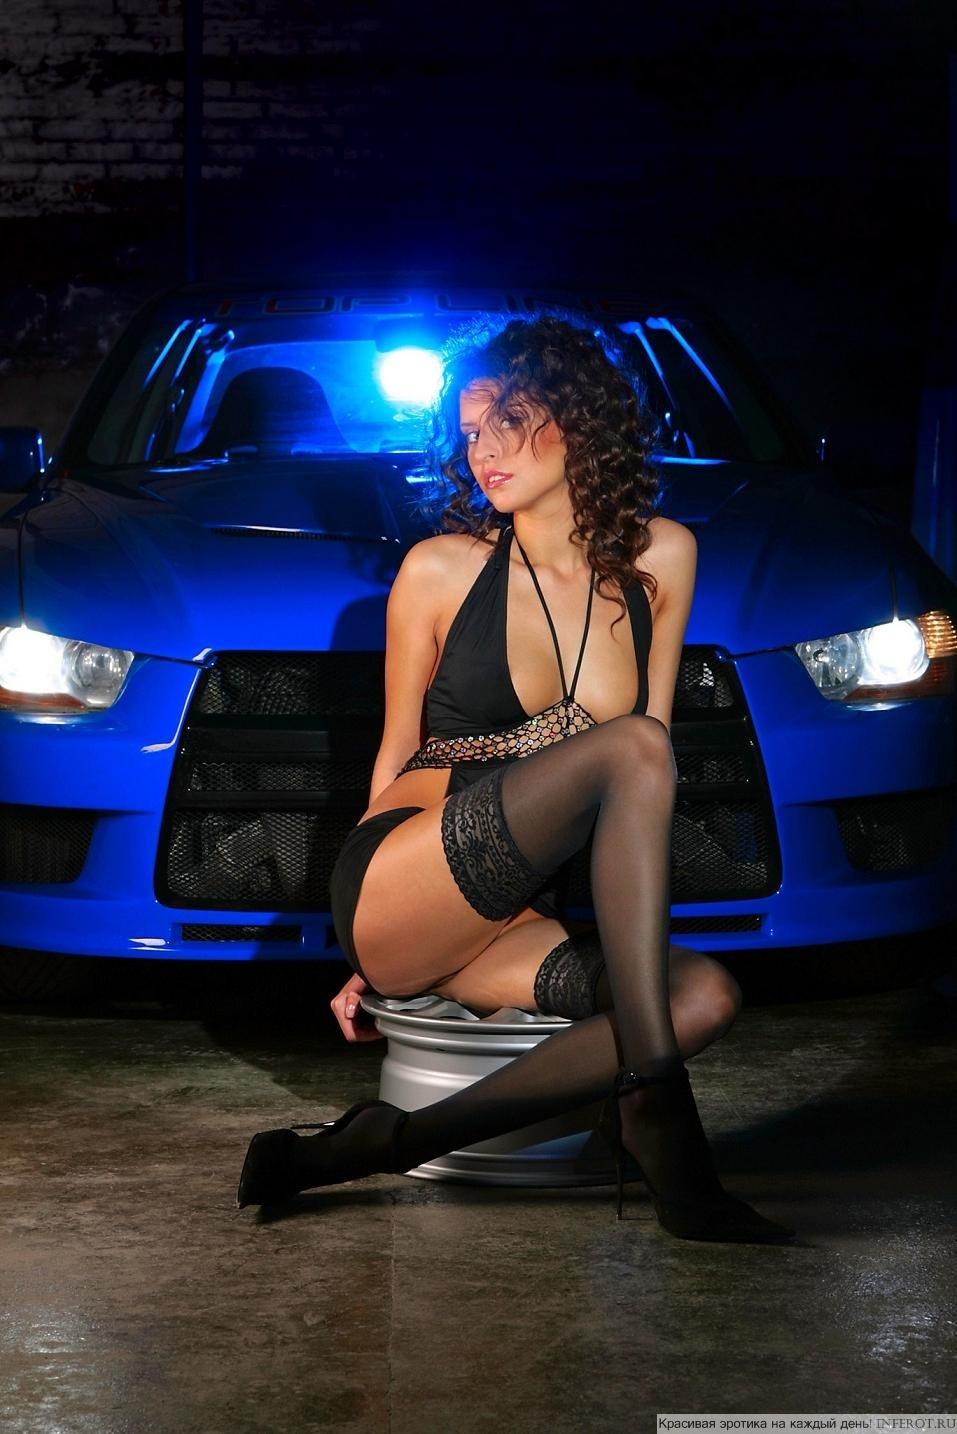 Сексуальная реклама Mitsubishi Lancer (20 фото)